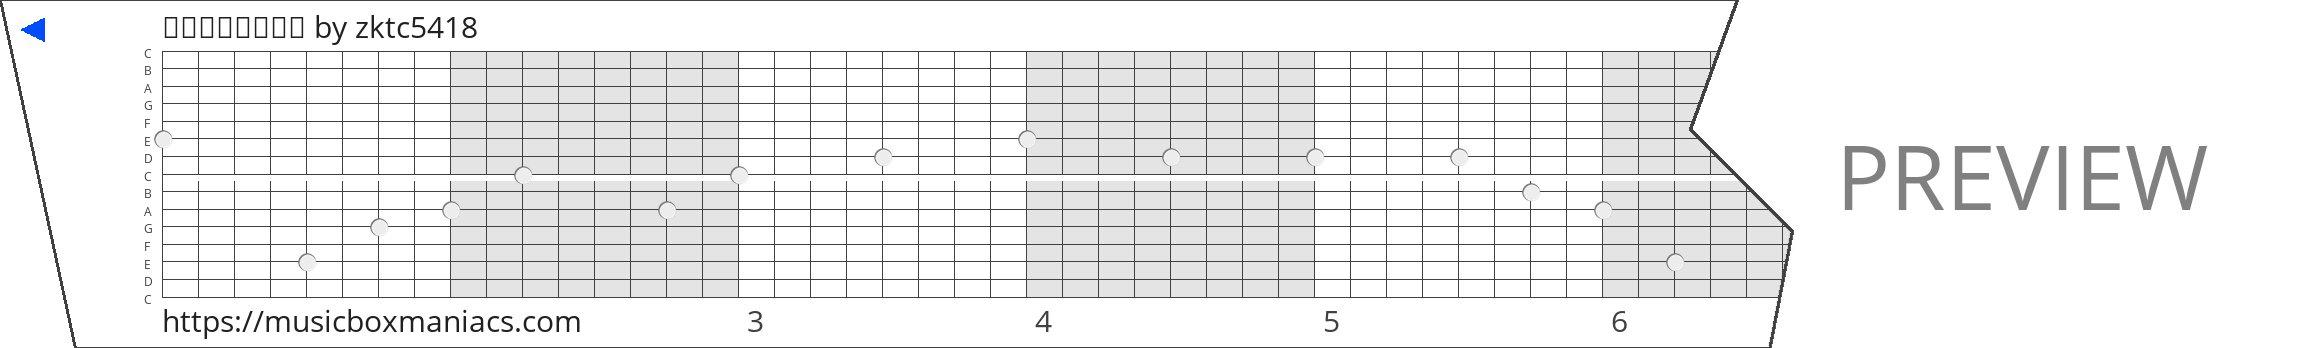 路边的野花不要踩 15 note music box paper strip